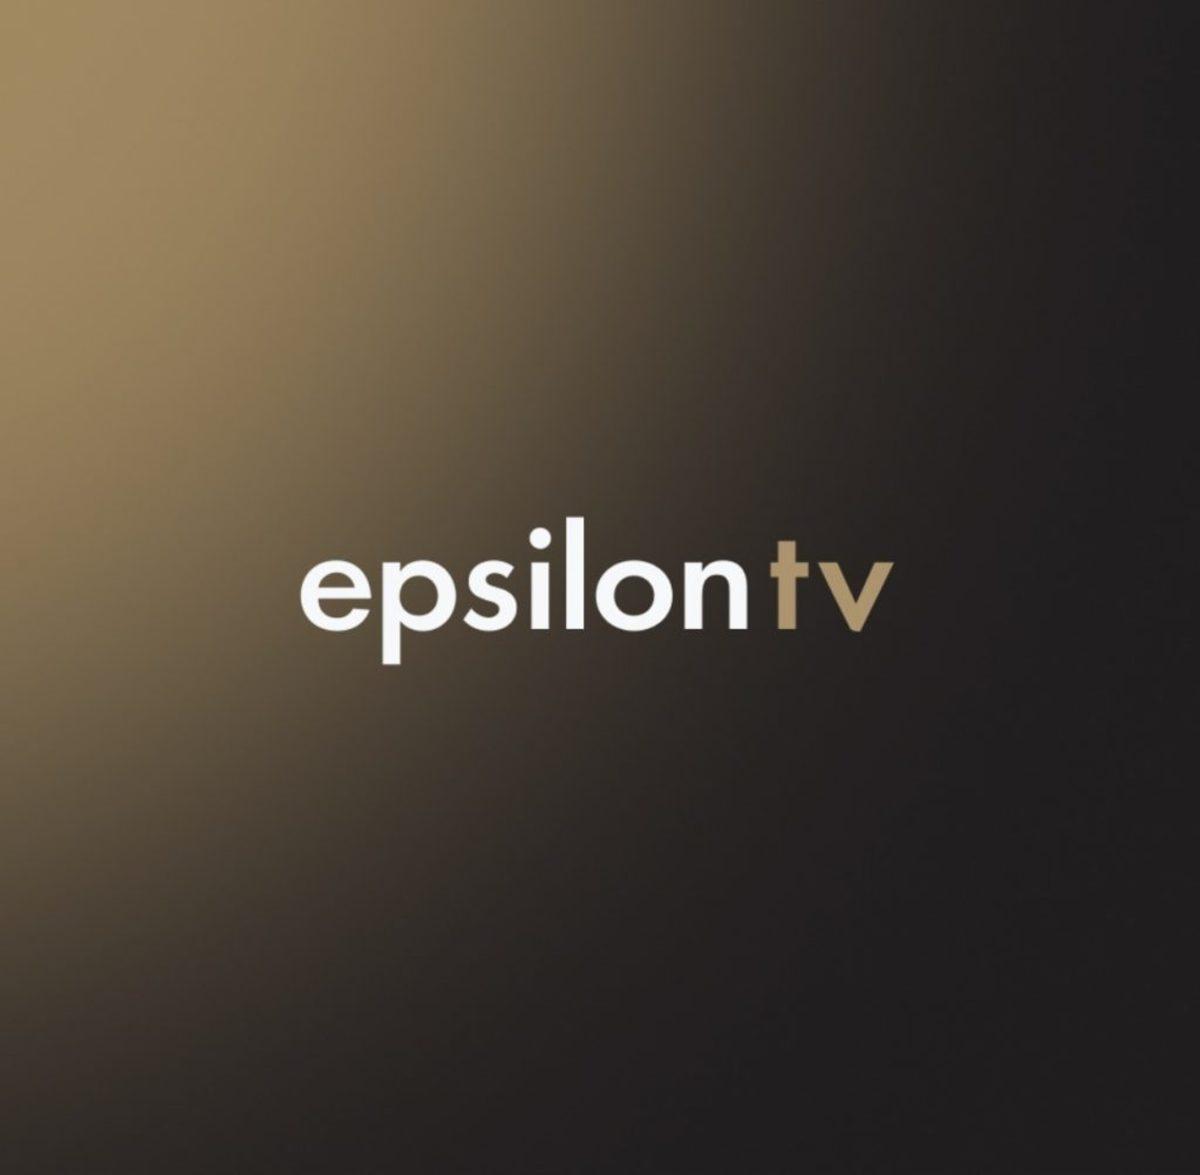 Μετεγγραφή βόμβα – Ευτυχώς υπάρχει κι αυτή η τηλεόραση | Newsit.gr